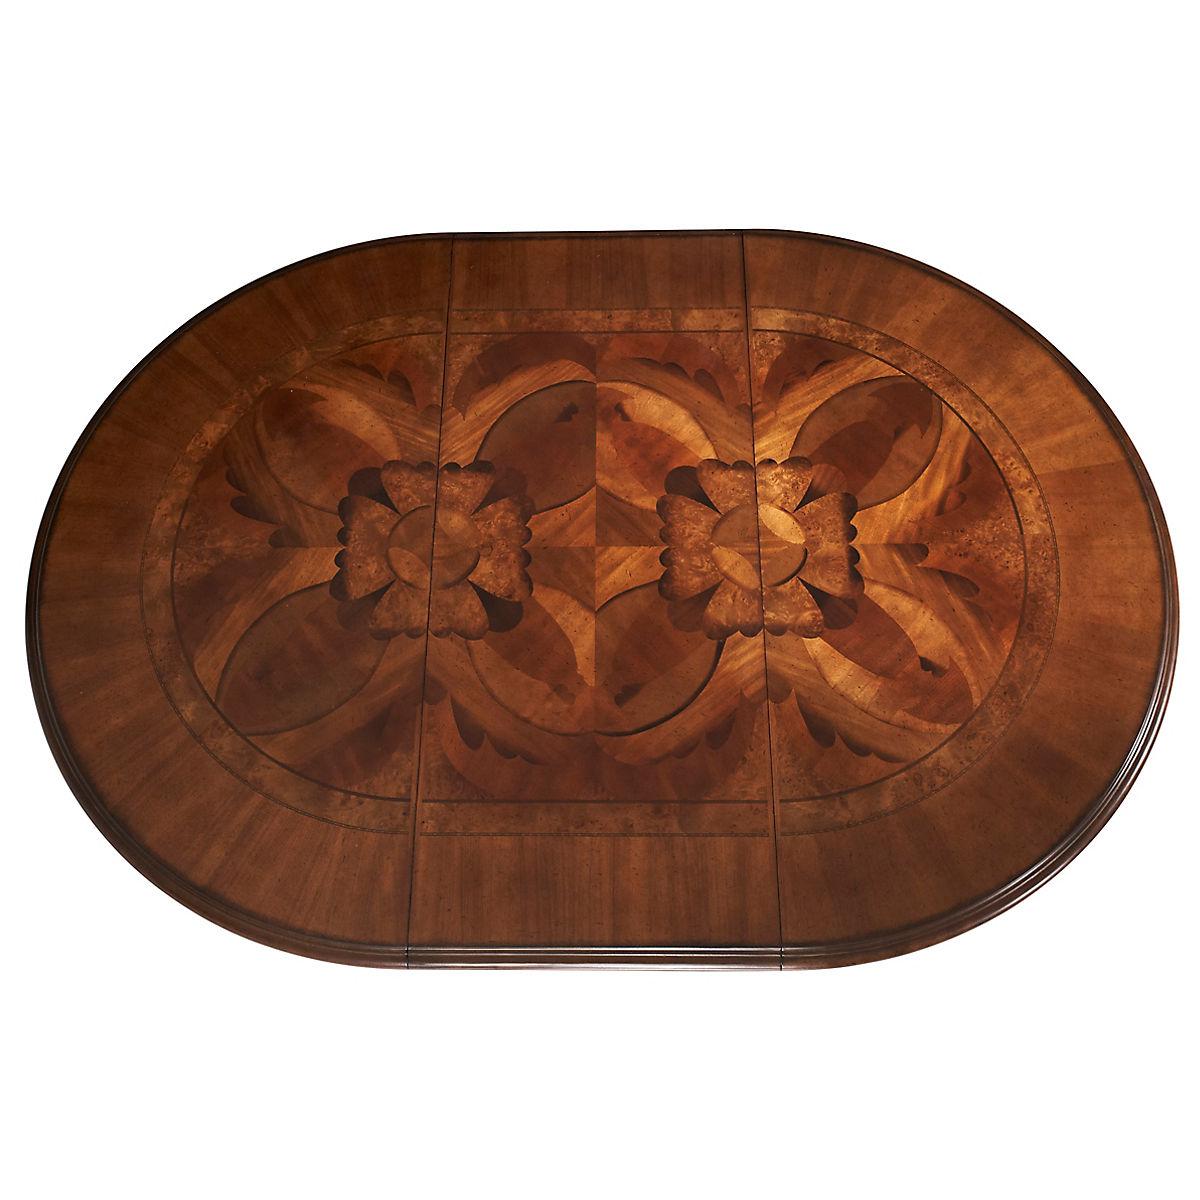 Amazing Villa Valencia Round Dining Table Star Furniture Inzonedesignstudio Interior Chair Design Inzonedesignstudiocom